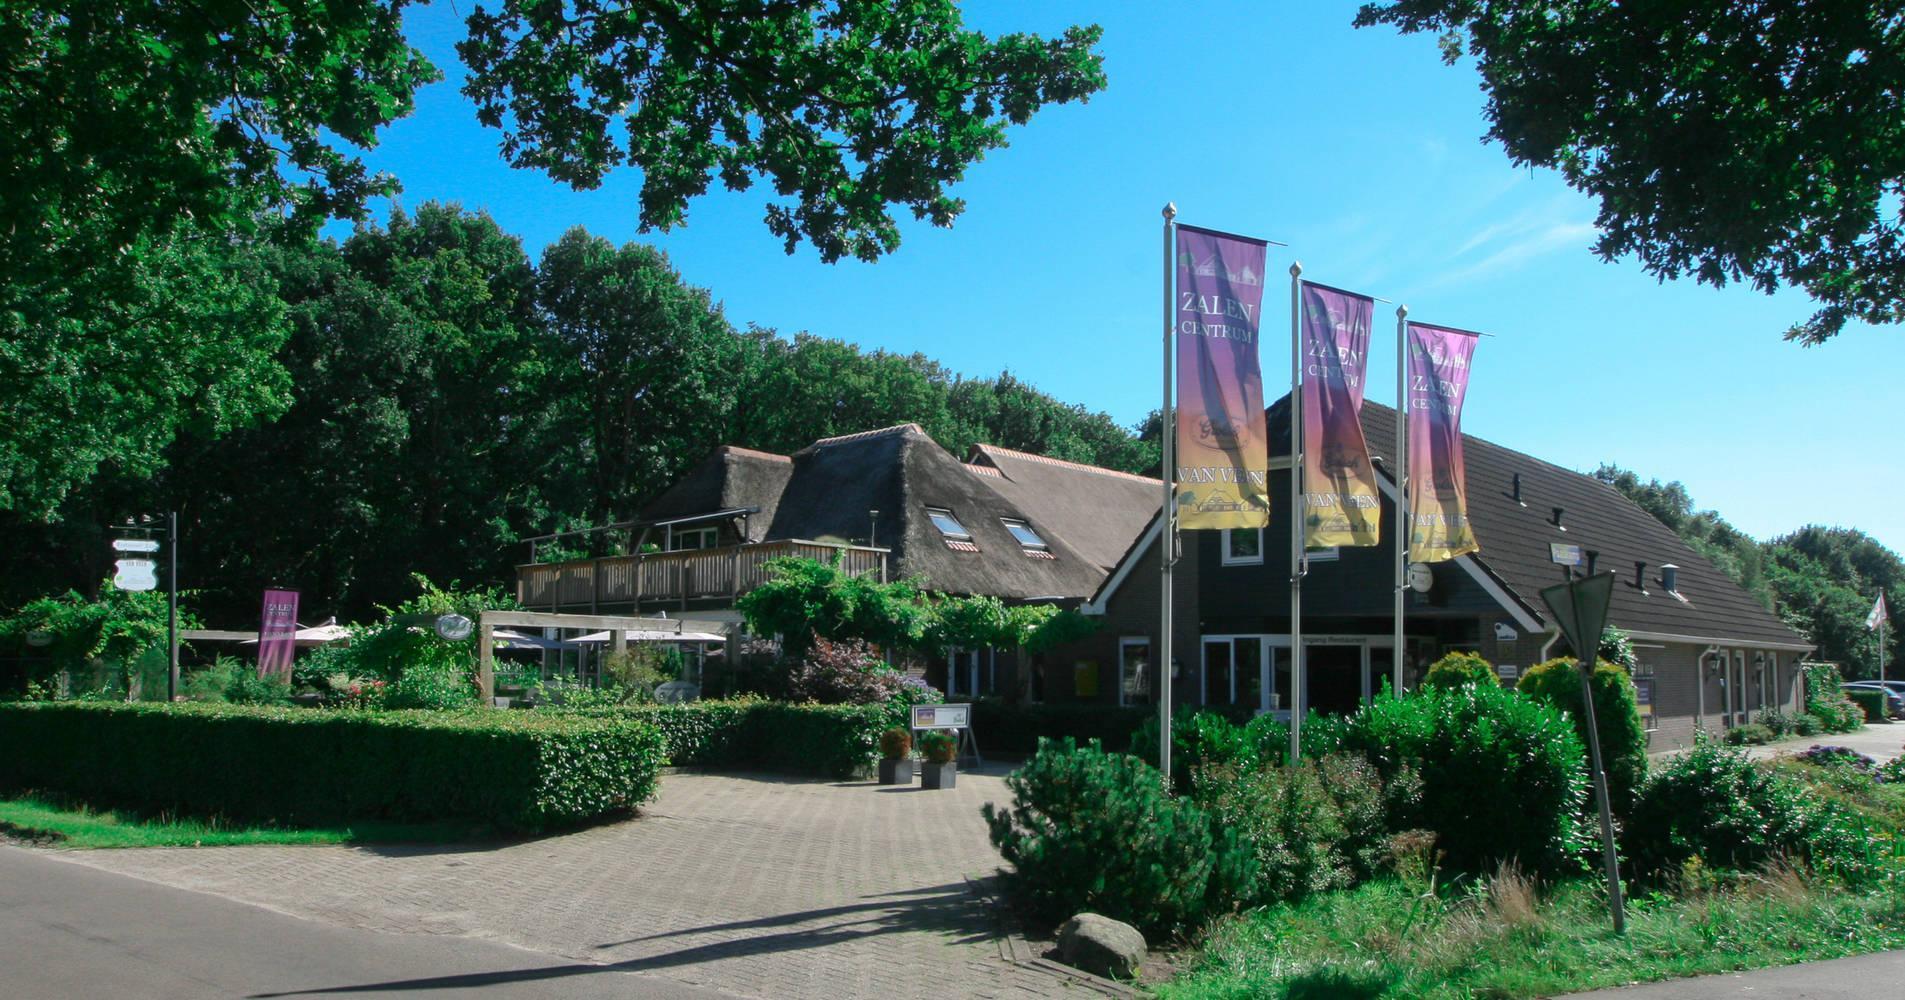 Zaalverhuur Drenthe